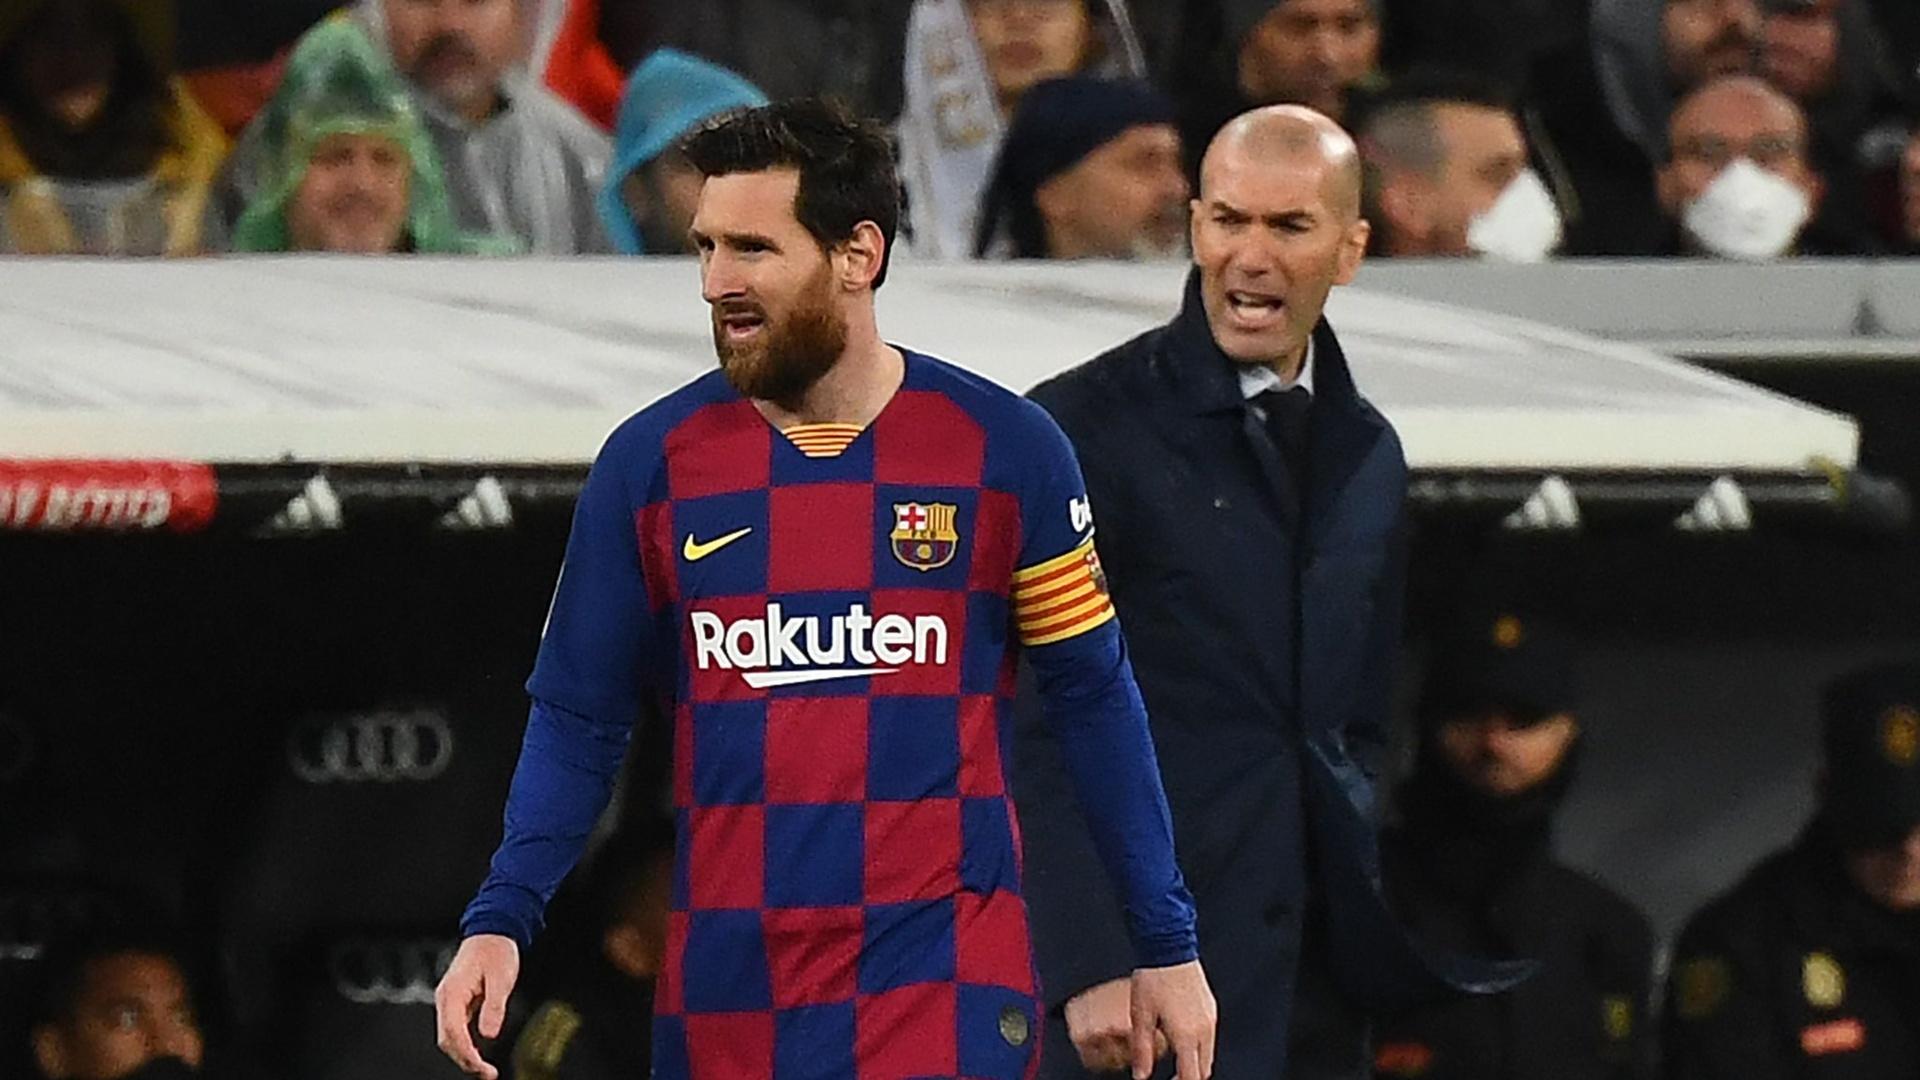 زيدان عن نية ميسي الرحيل عن برشلونة: نريد أن يكون لدينا أفضل اللاعبين